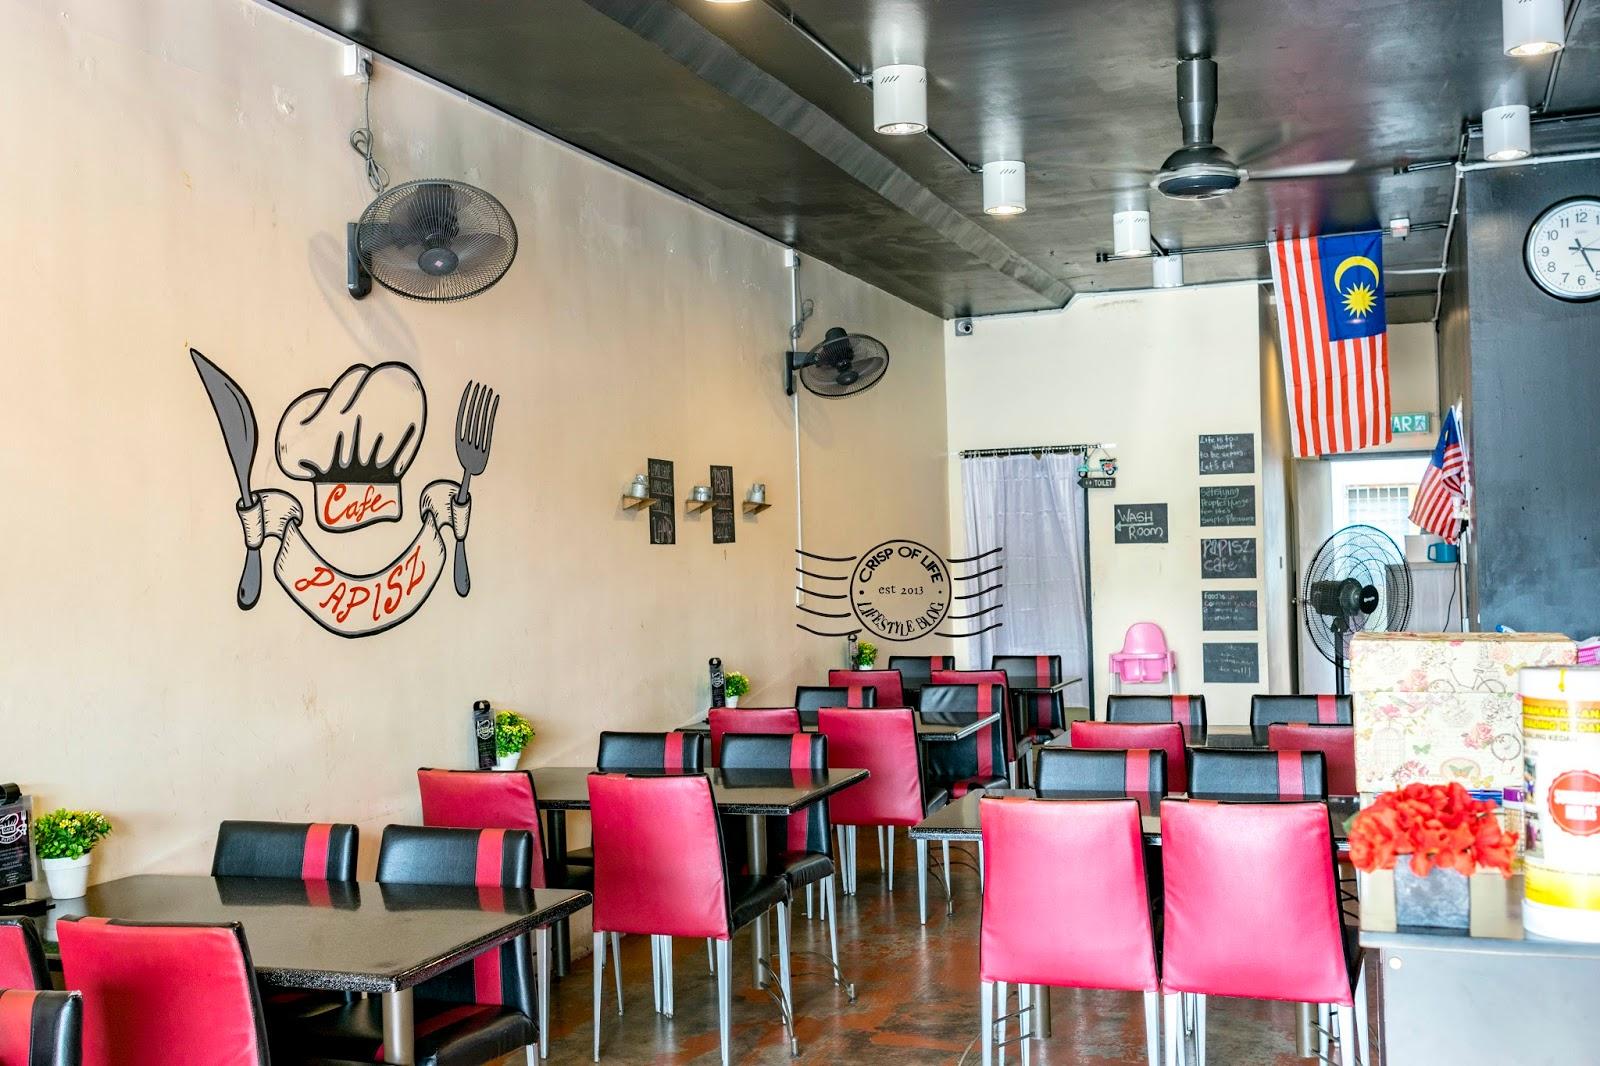 Papisz Cafe @ Sunway Tunas, Bayan Lepas, Penang